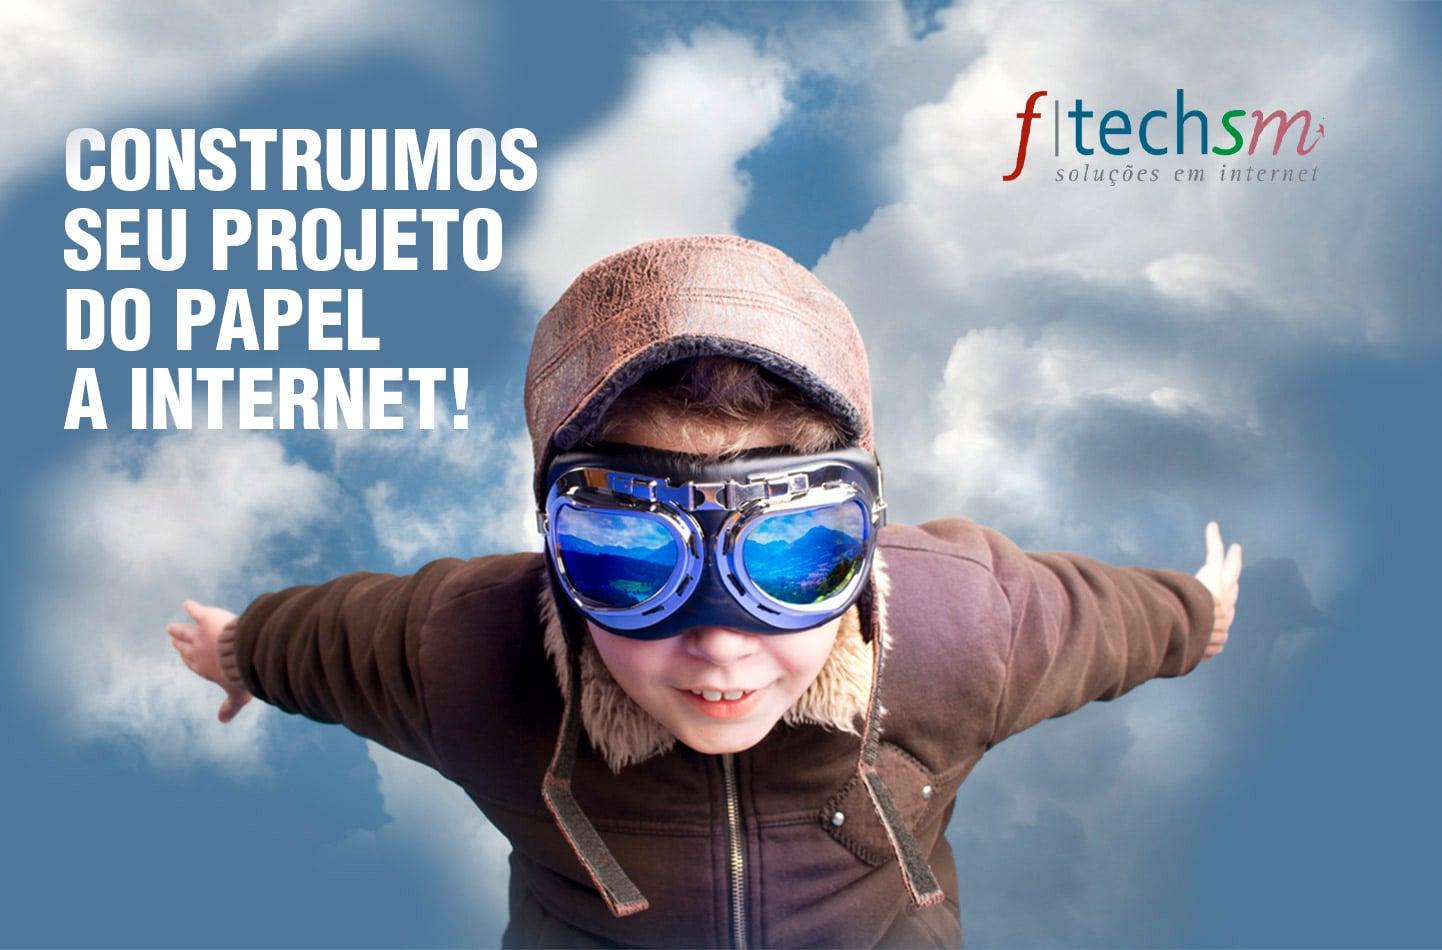 (c) Ftechsm.com.br